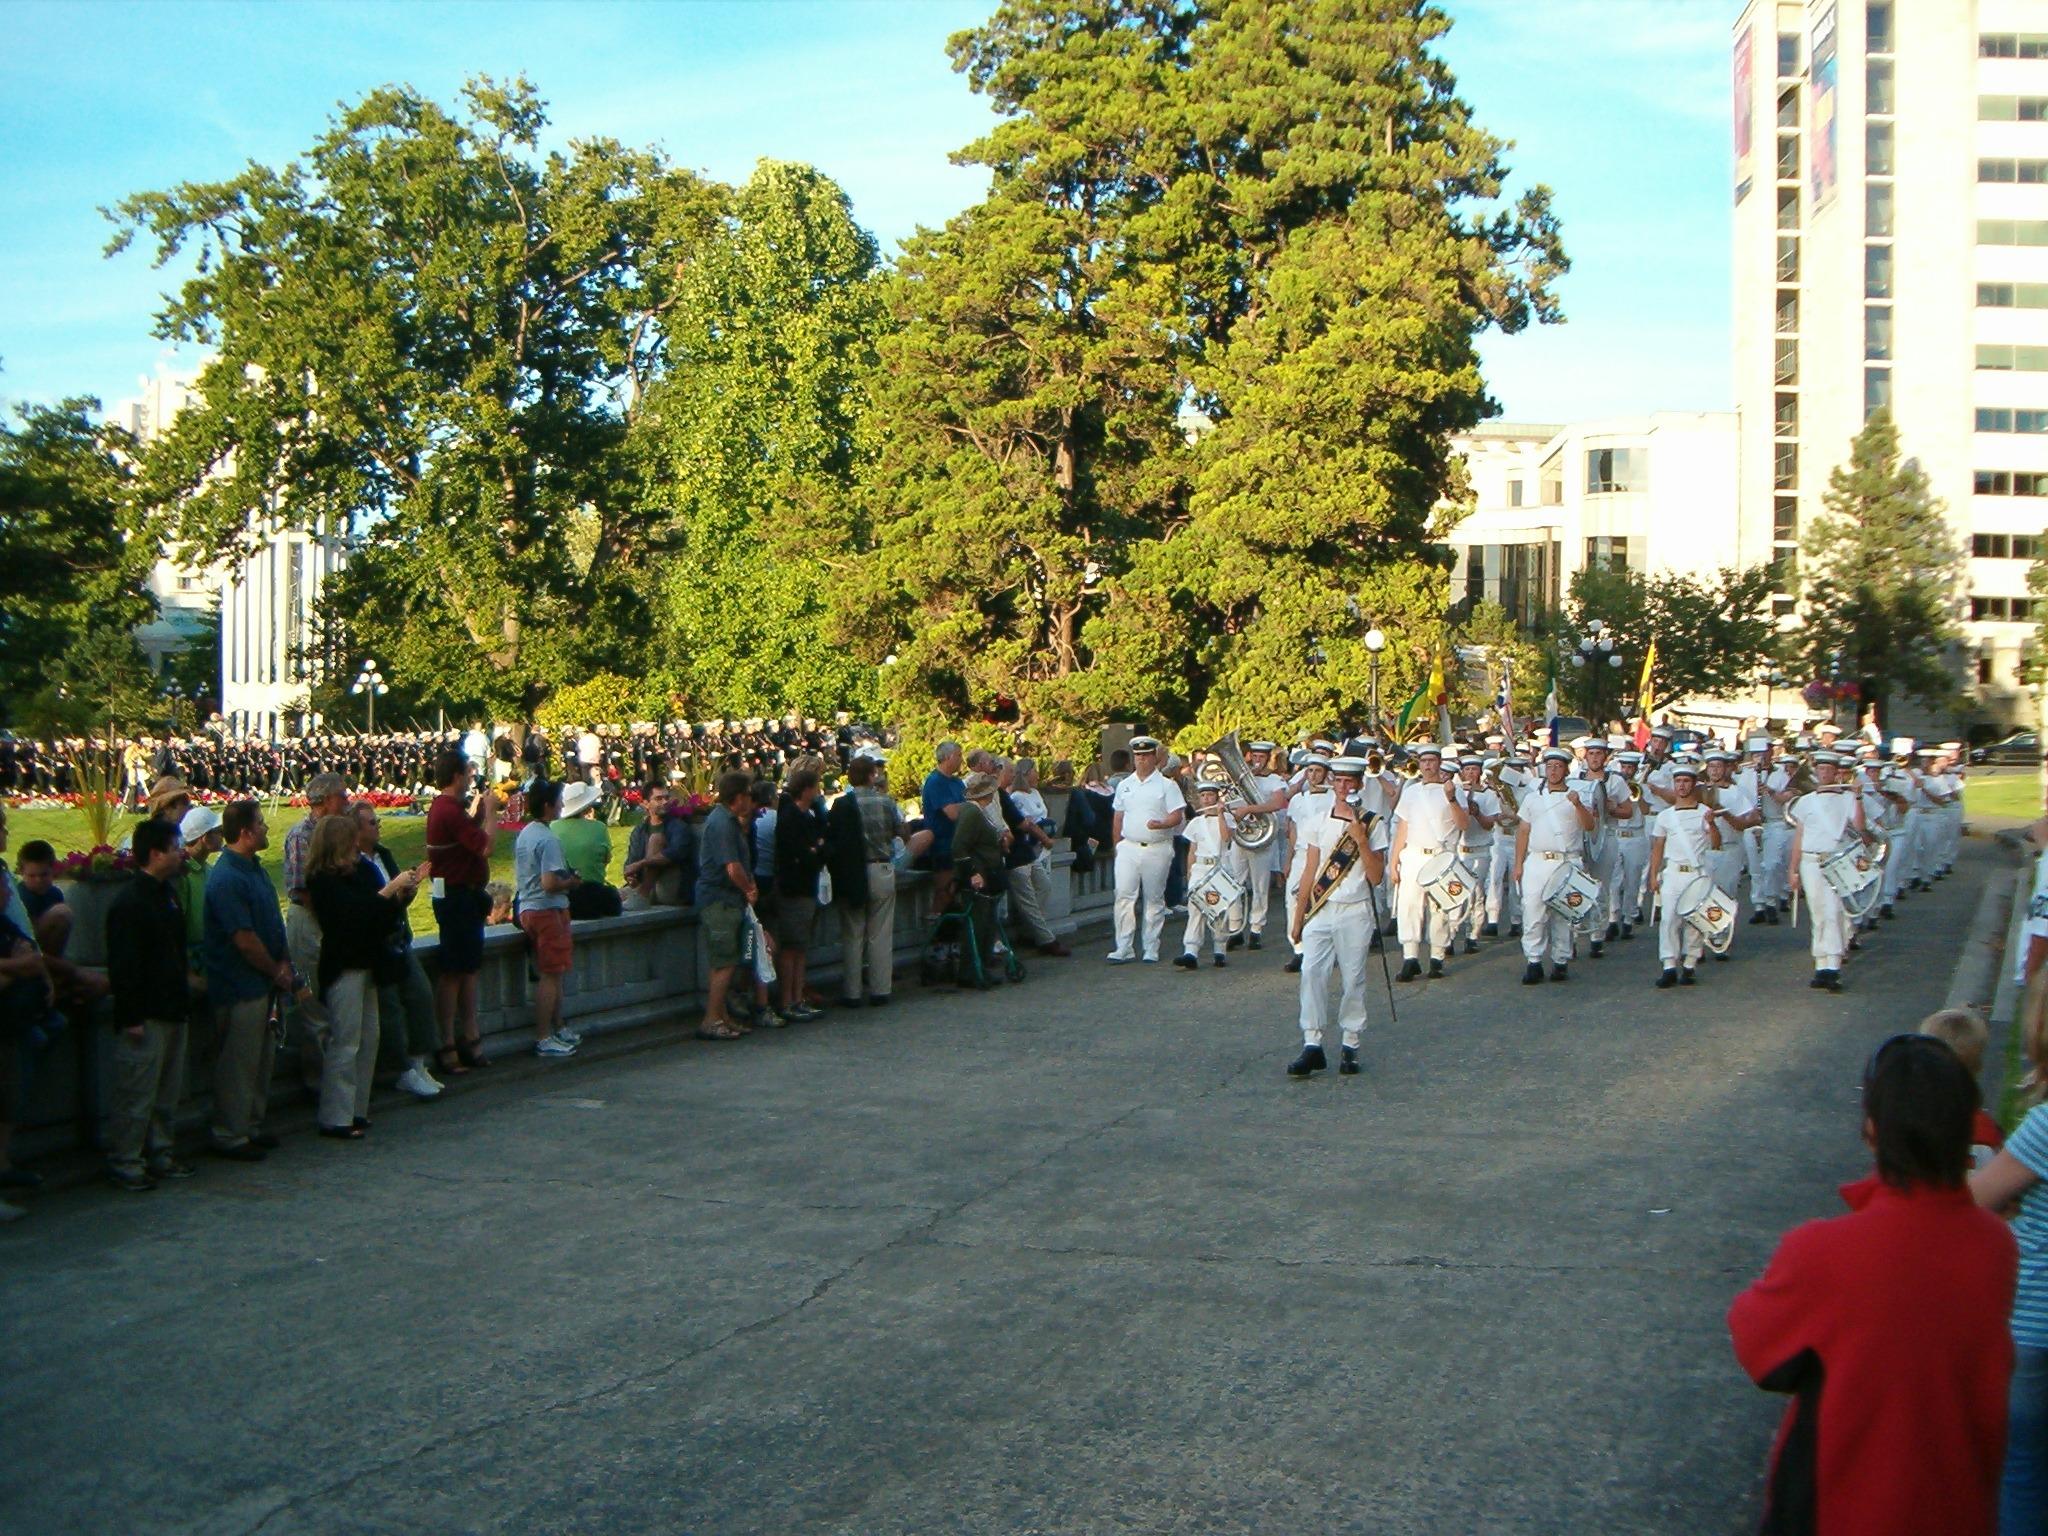 Op parade in Toronto, Canada